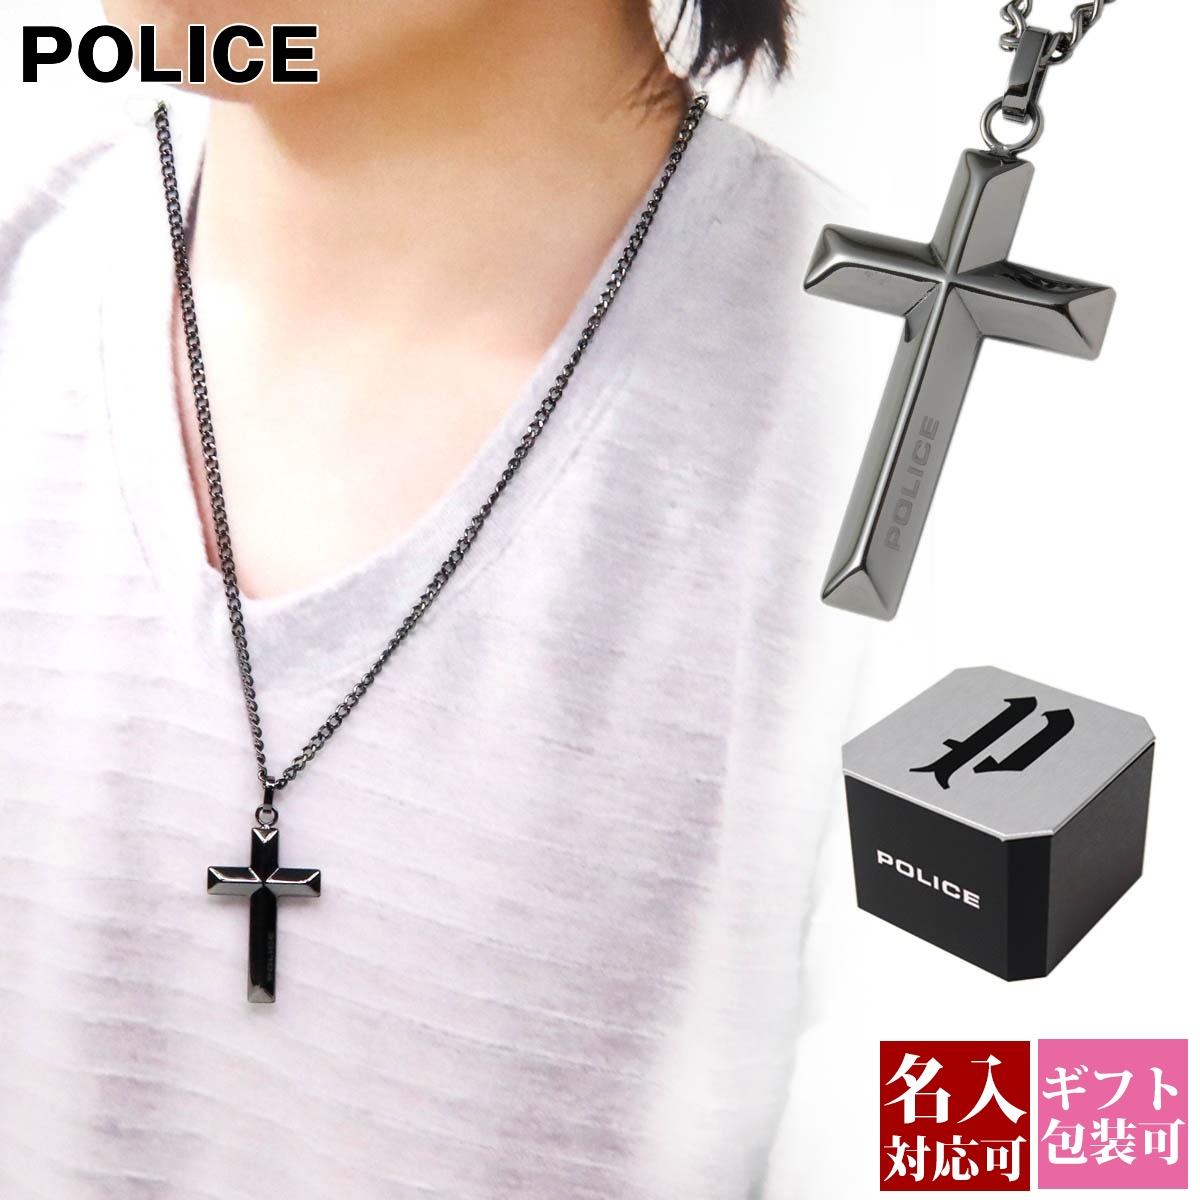 TARIFA タリファ 26535PSU03 十字架 POLICE ペンダント ガンメタ メンズ クロス ネックレス 【名入れ】 ポリス